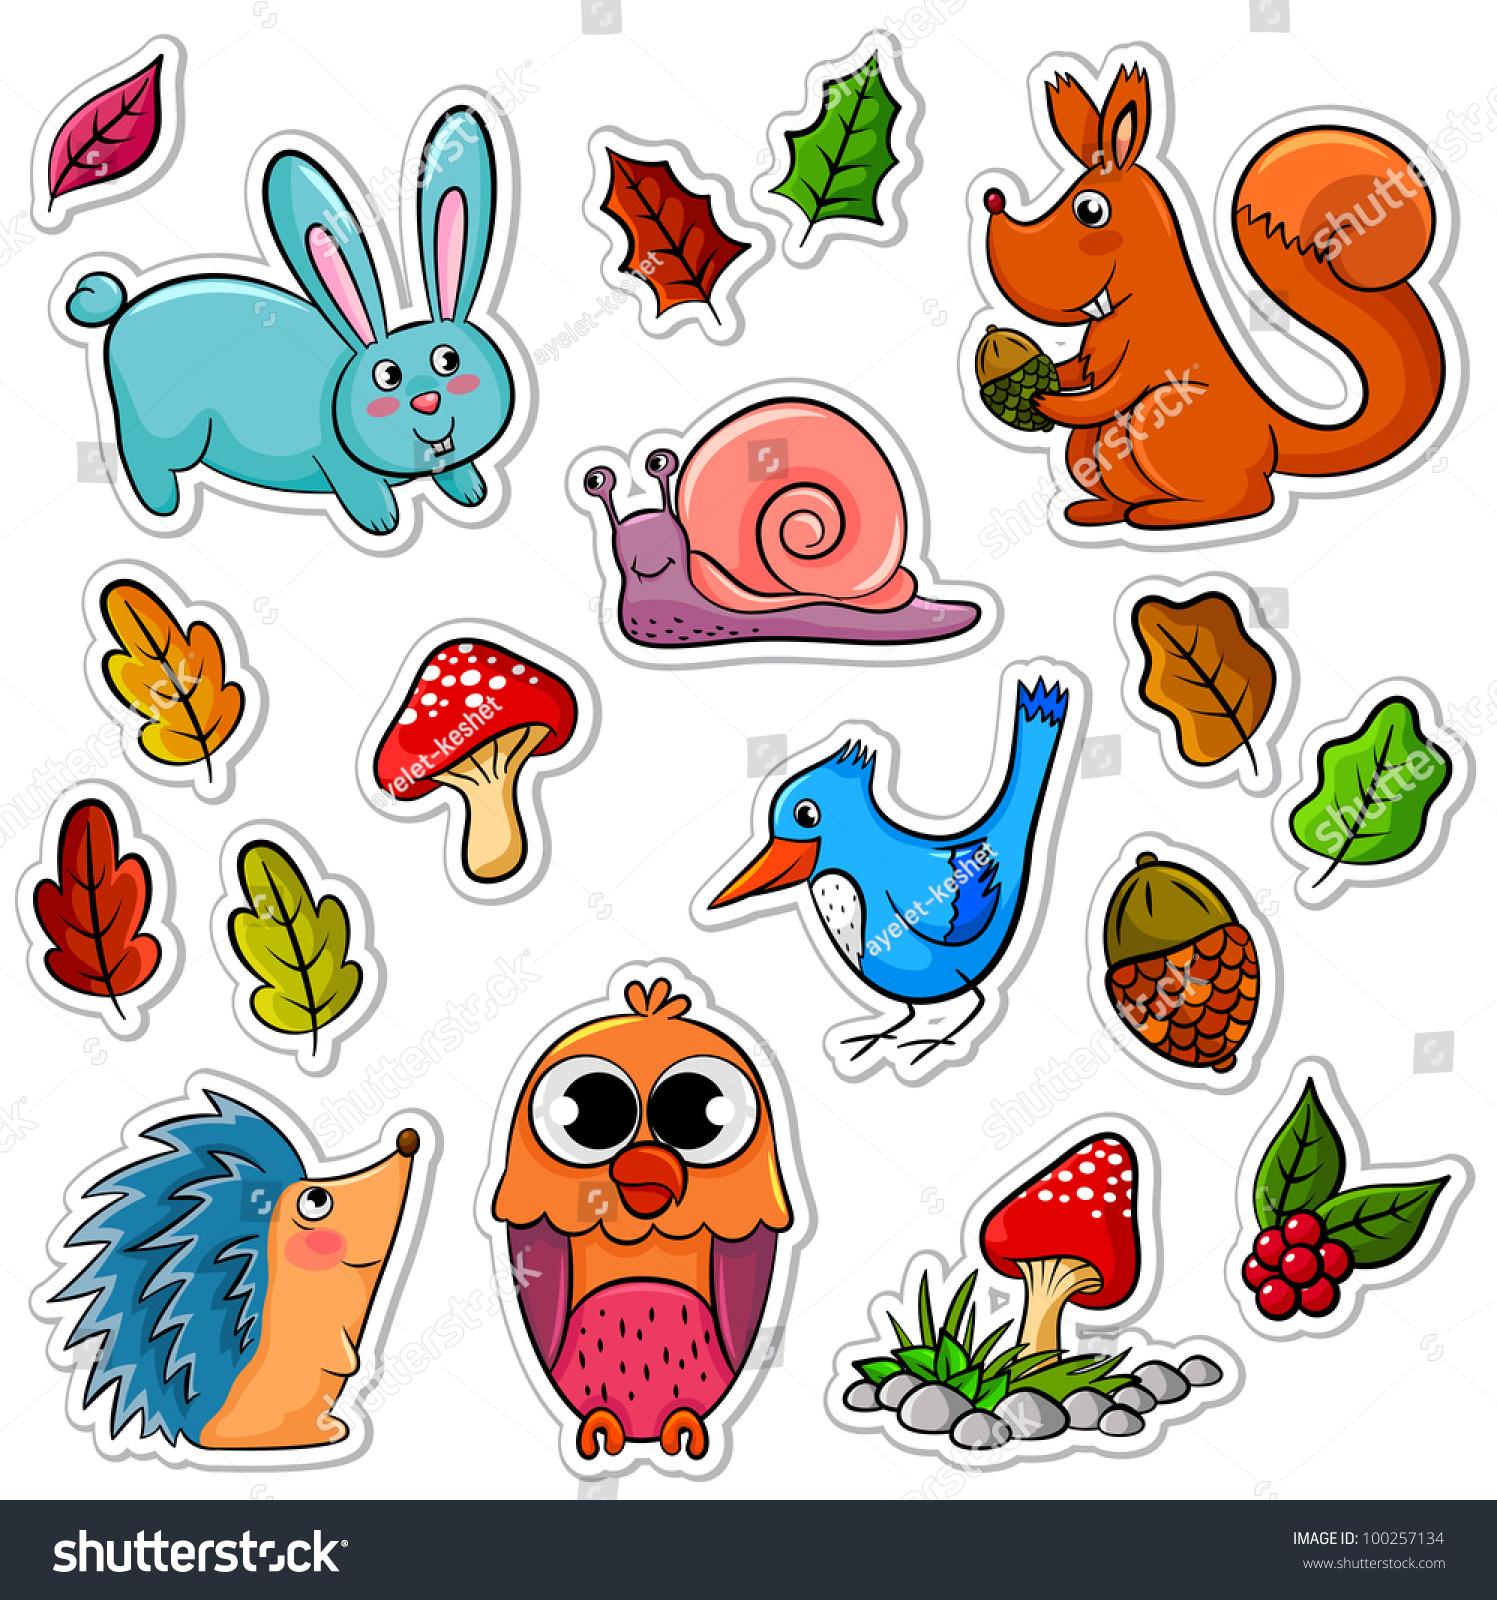 收集的森林动物和植物(在我的投资组合向量可用)-动物